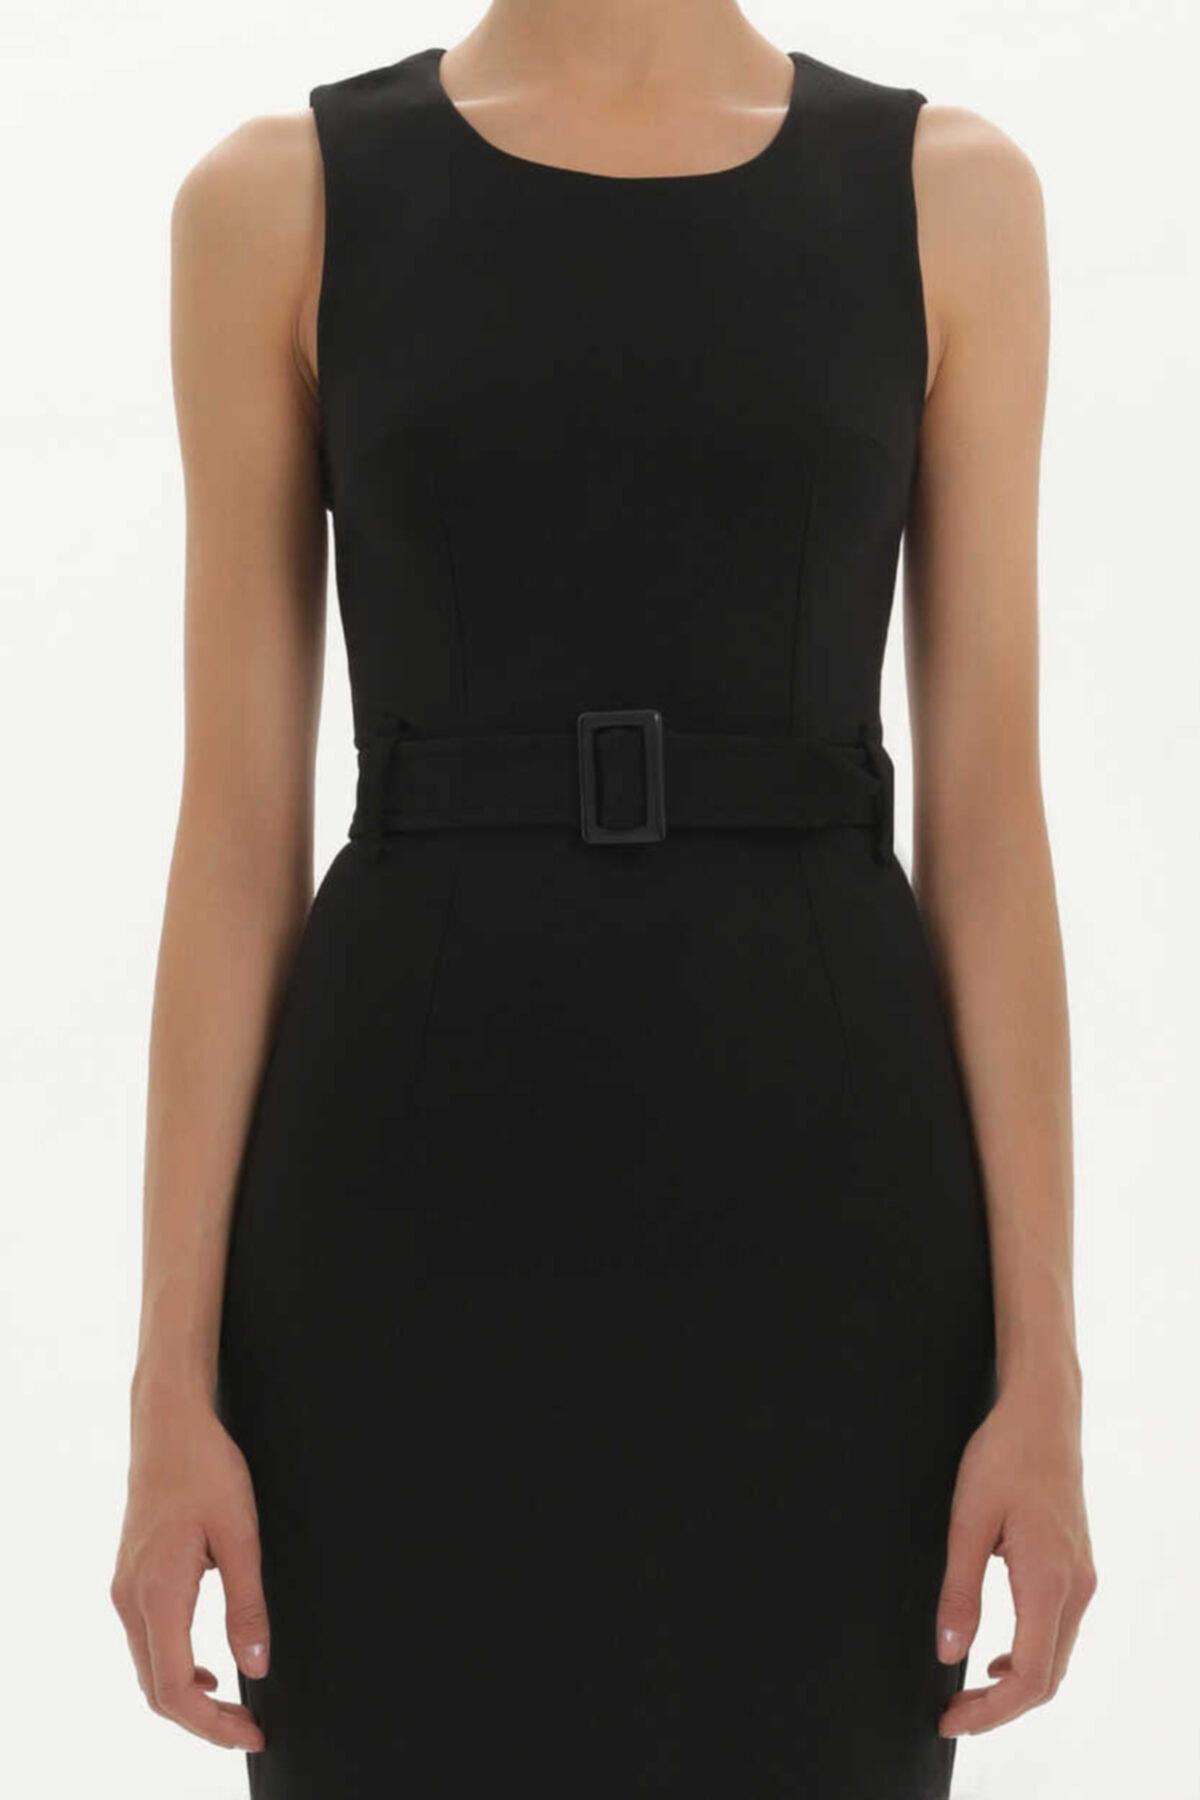 SOCIETA - Kemerli Likralı Elbise 91728 Siyah 2